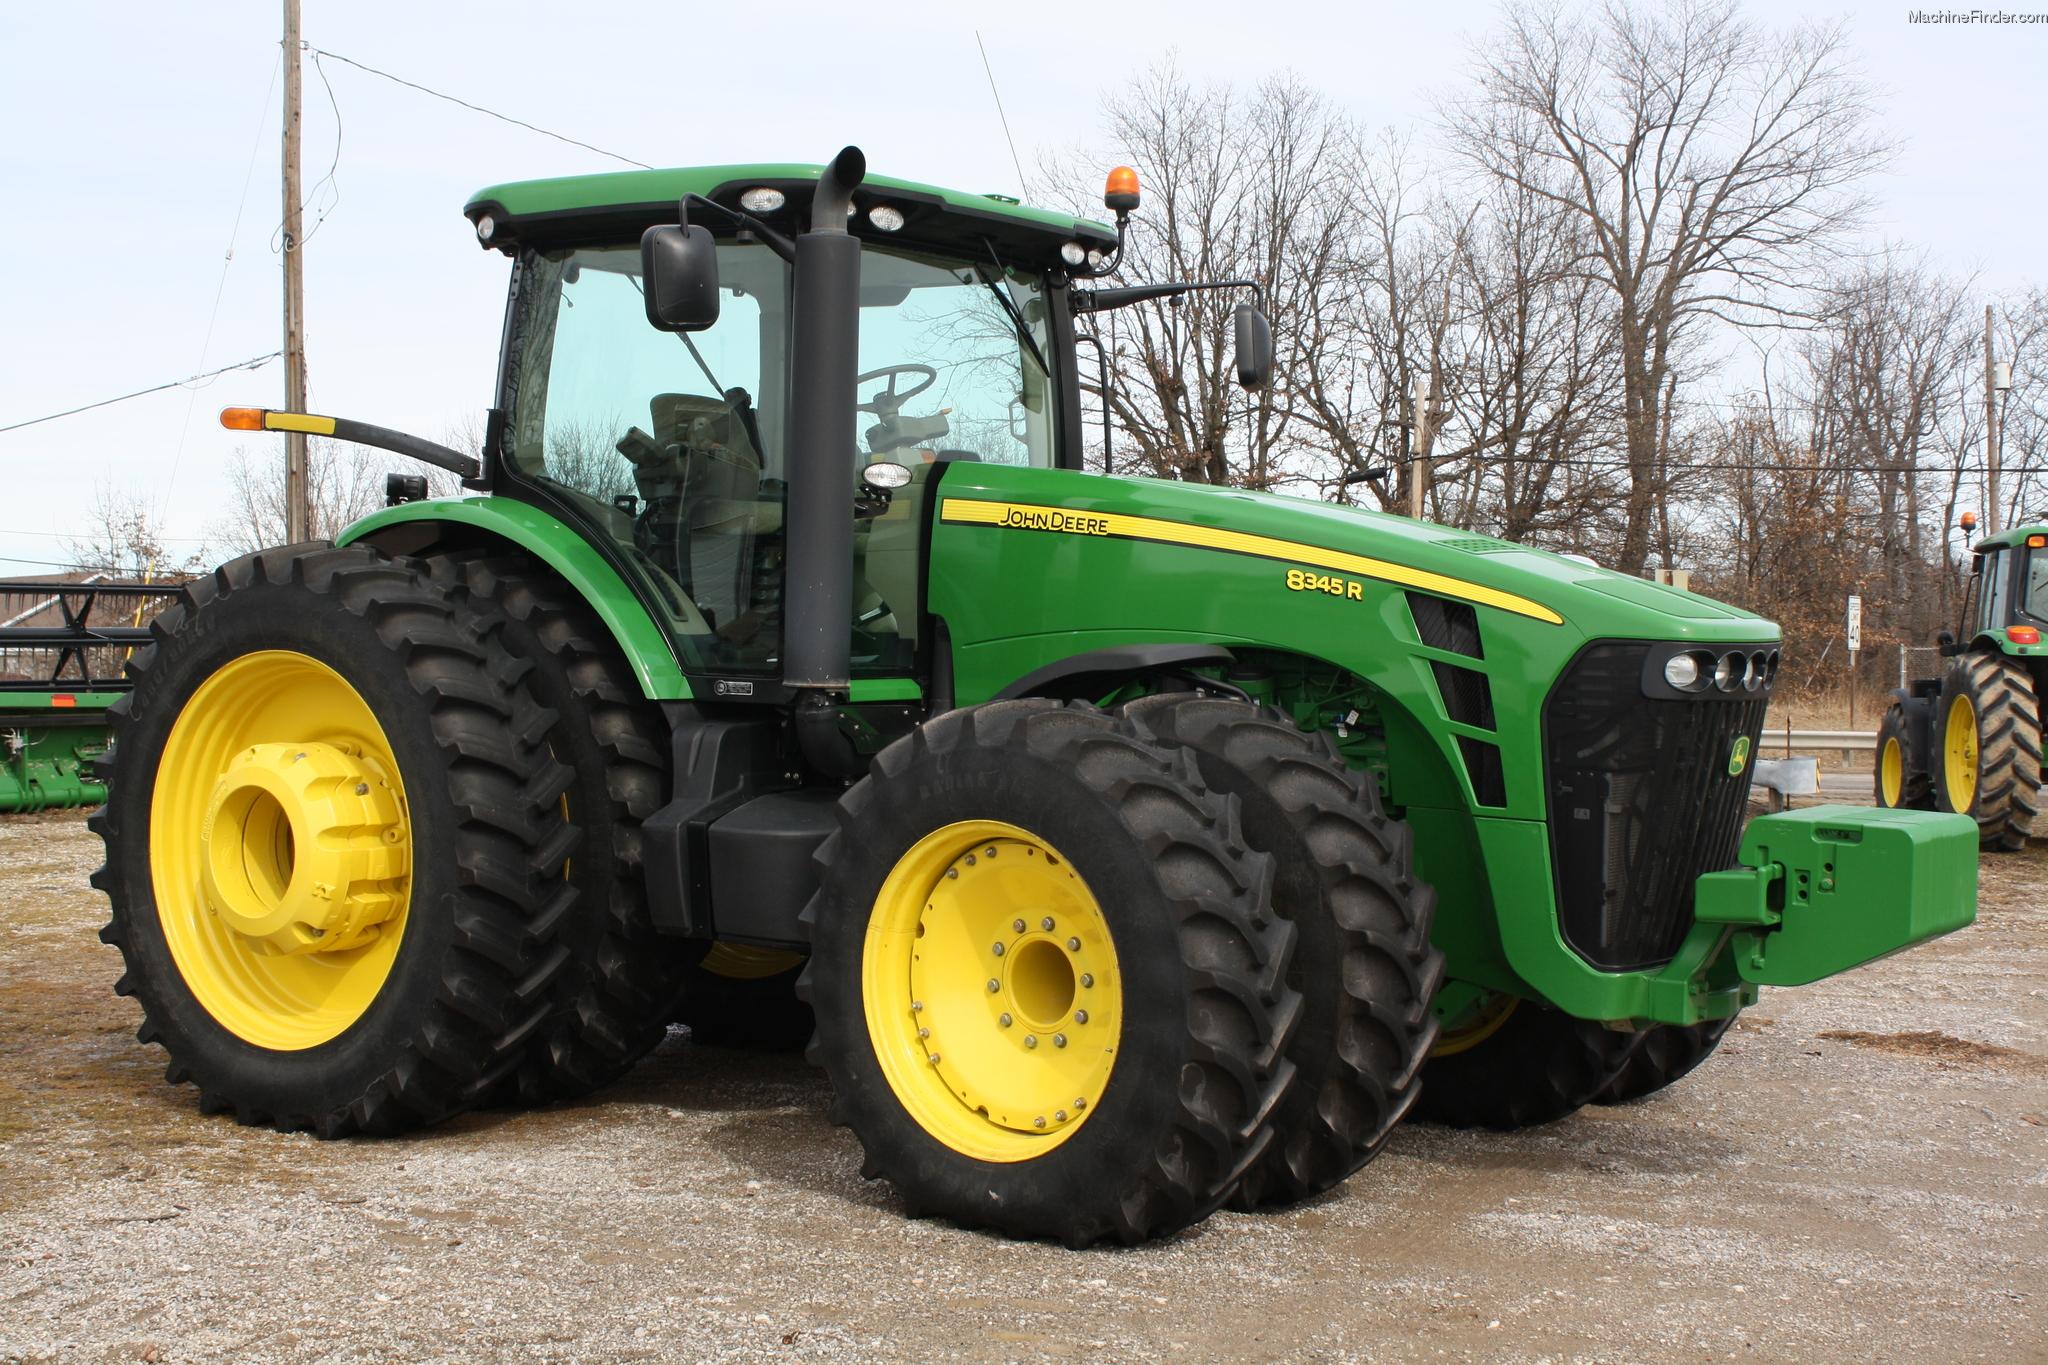 2010 John Deere 8345R Tractors - Row Crop (+100hp) - John ...